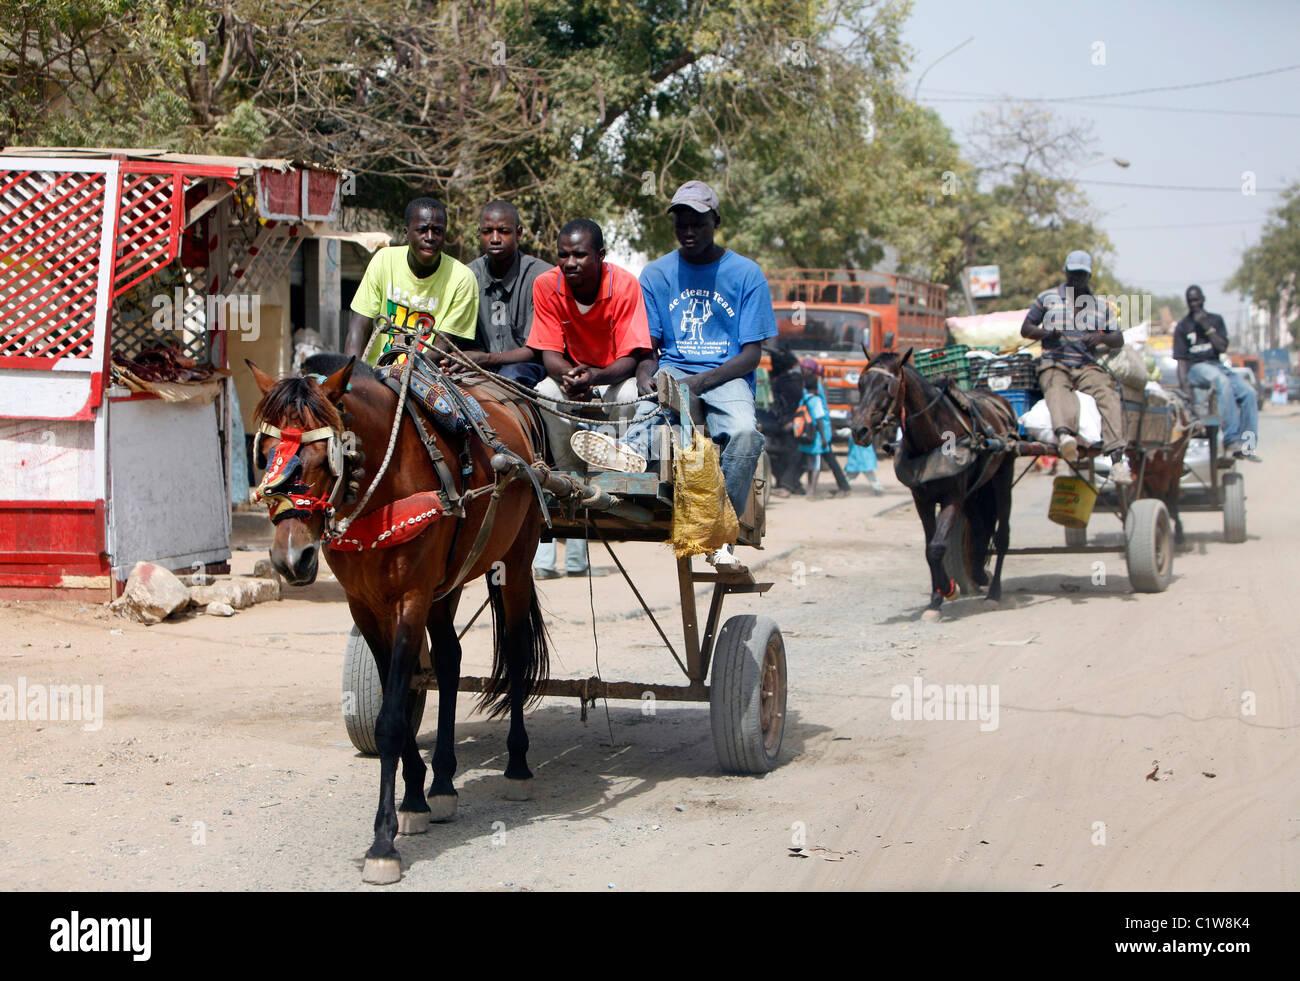 Carro de caballos, Dakar, Senegal Imagen De Stock